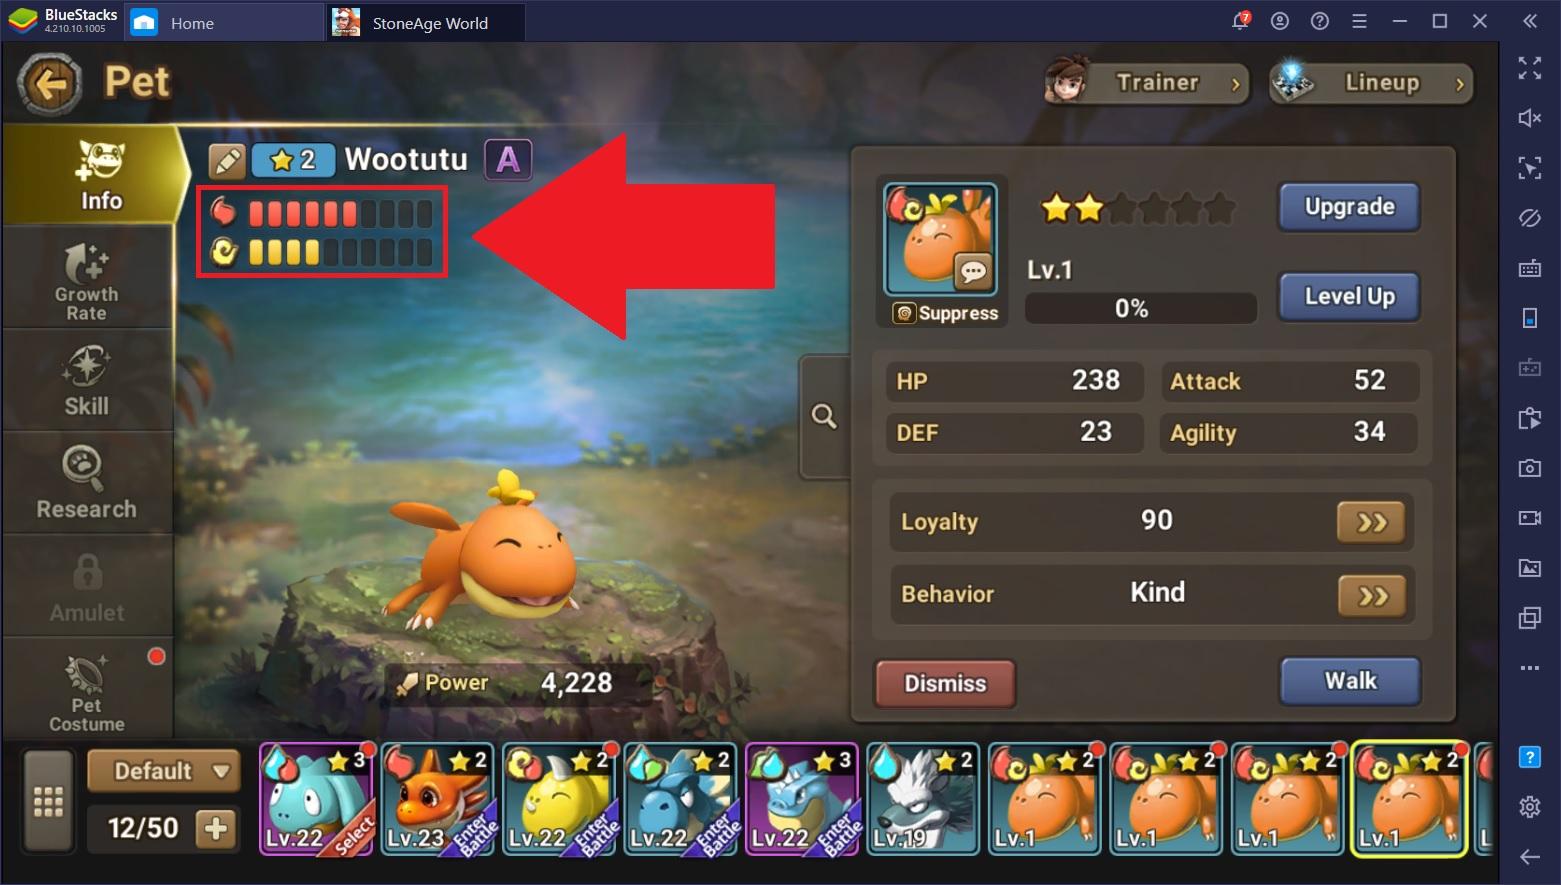 StoneAge World – Wie man Pets fängt in diesem Pokémon-ähnlichen Rollenspiel